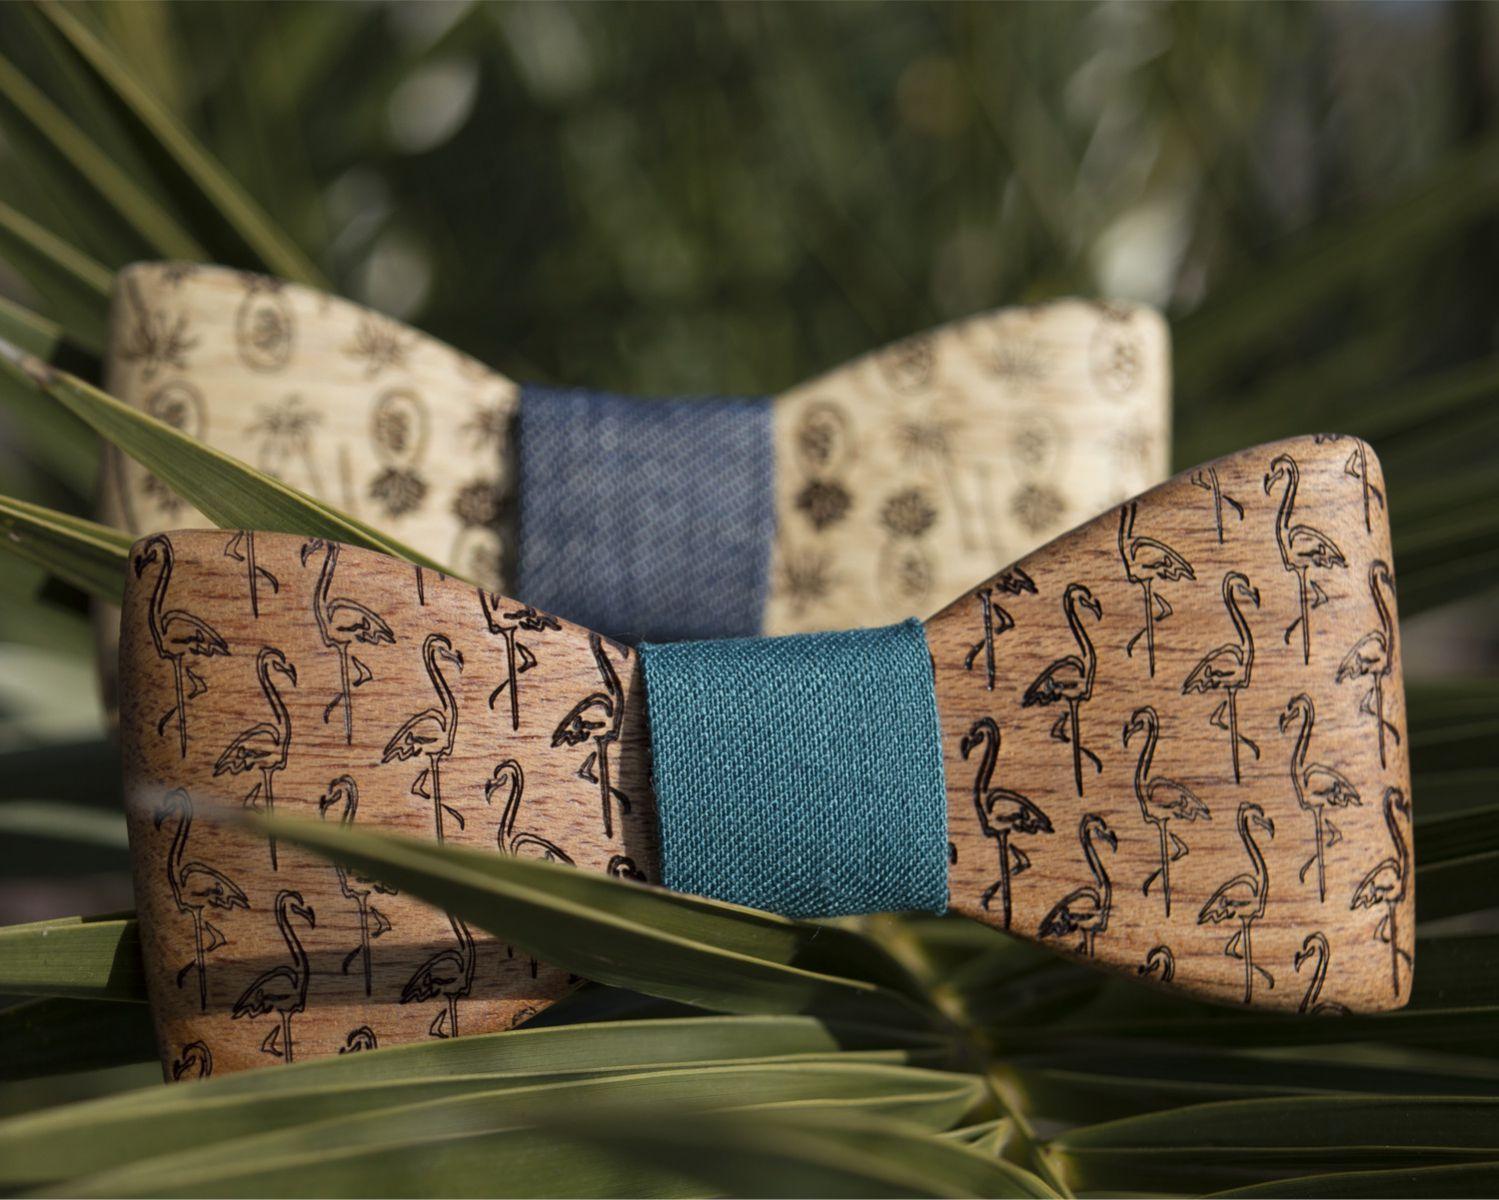 Χειροποίητα παπιγιόν dion&felle, από τη σειρά Tropical, φτιαγμένα από φυσικά ξύλα και συνδυασμένο με ύφασμα εξαιρετικής ποιότητας, από τη συλλογή Wooden Candies.